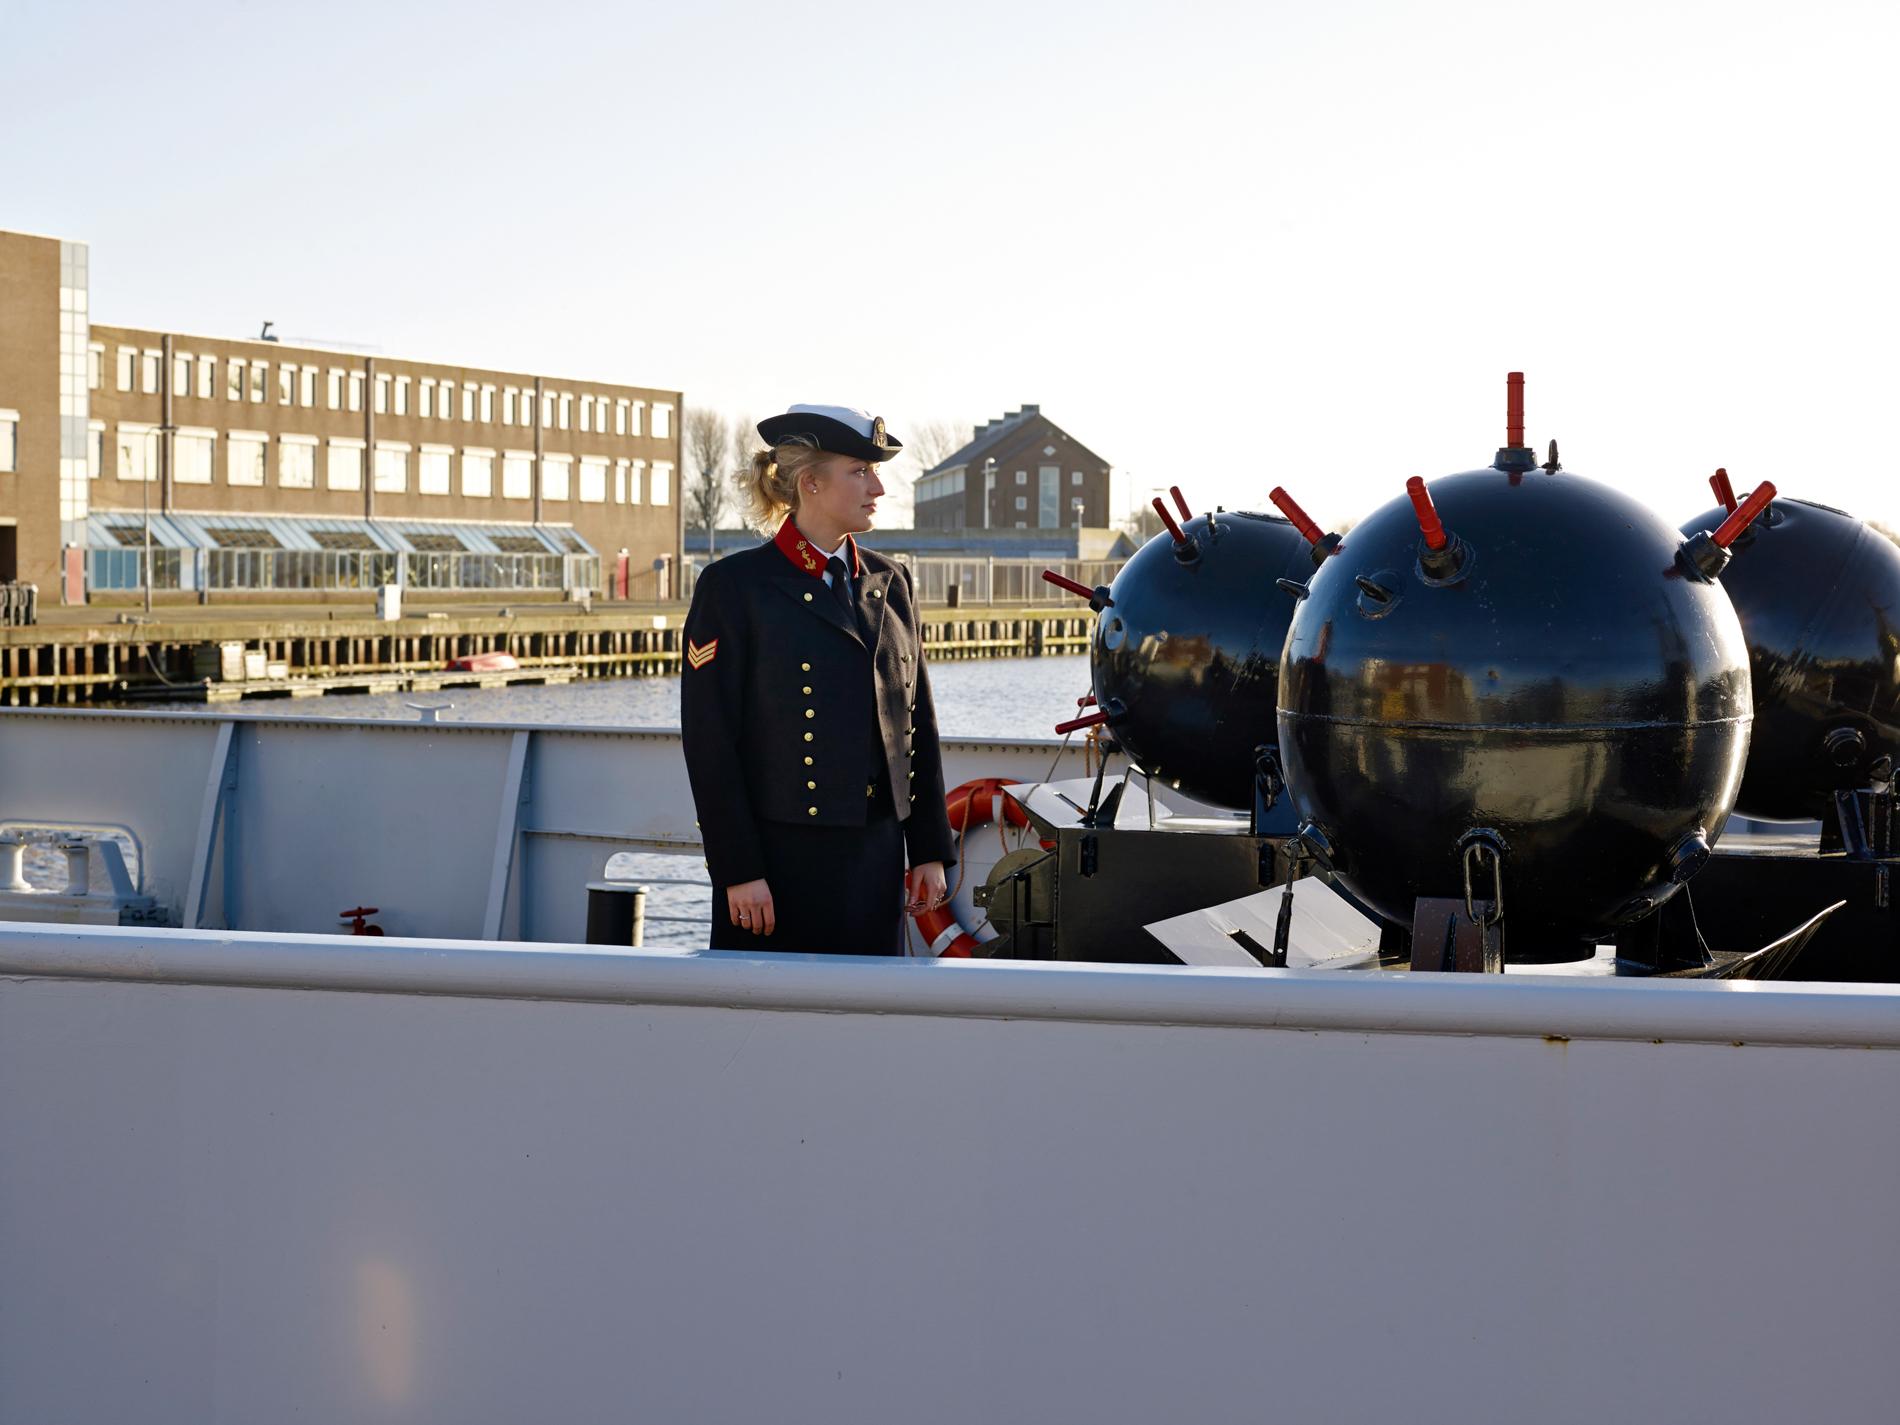 KONINKLIJK INSTITUUT VOOR DE MARINE  THE NETHERLANDS